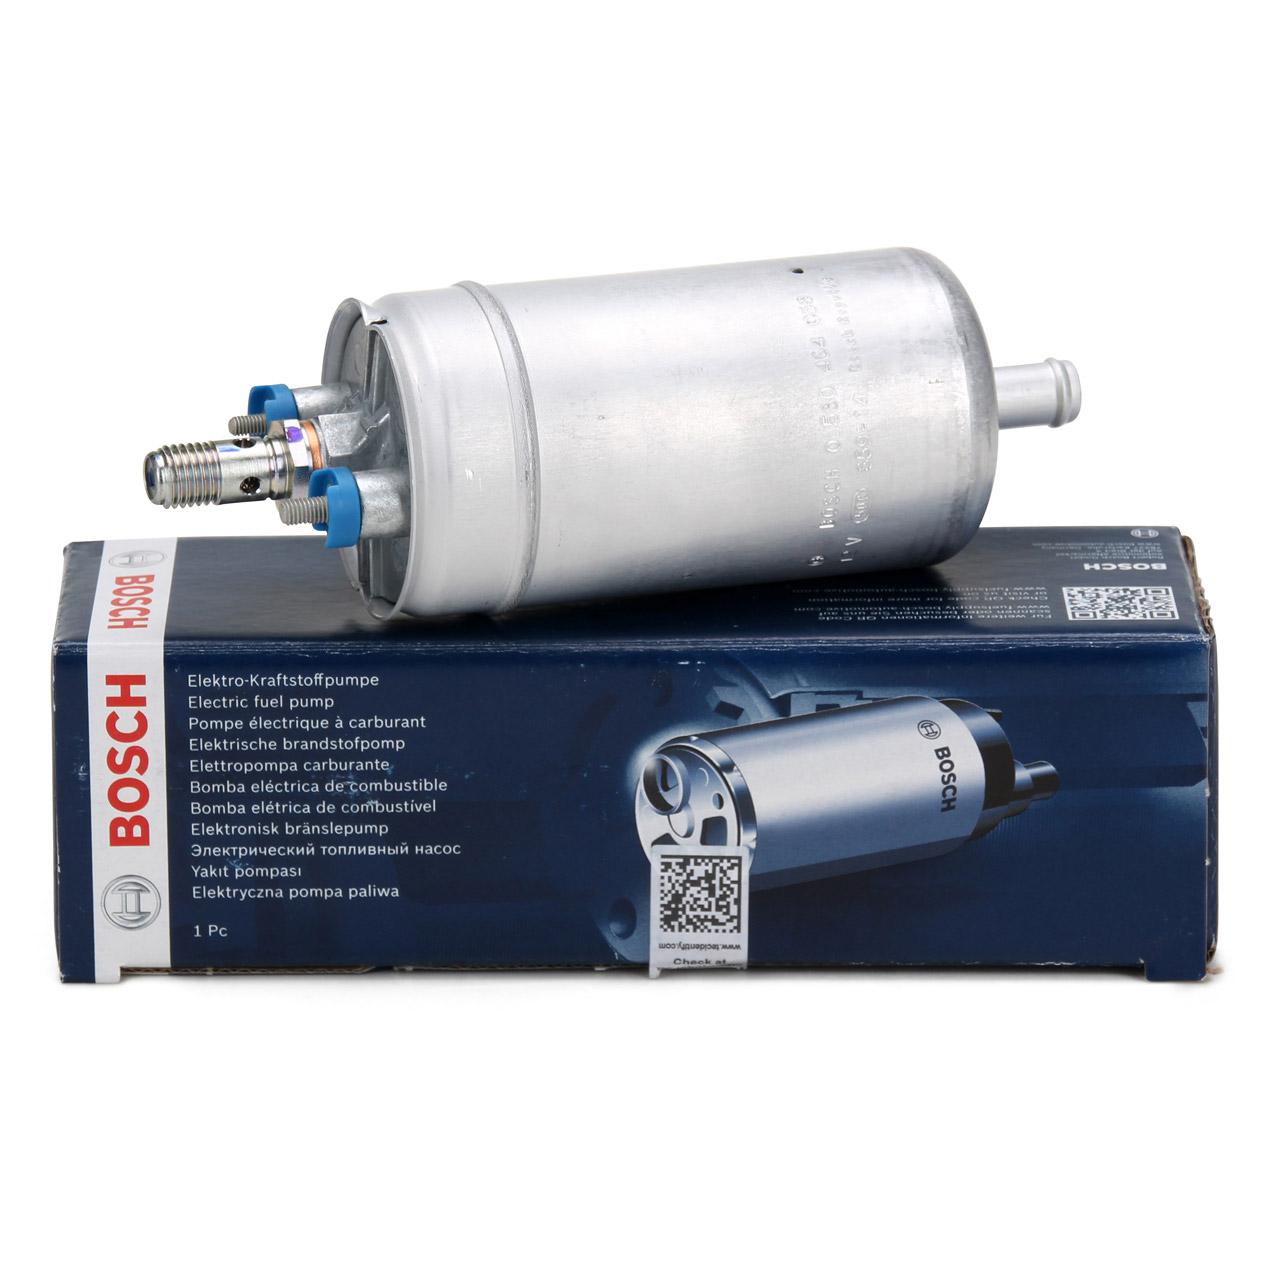 BOSCH 0580464058 Kraftstoffpumpe für PORSCHE 964 993 3.6/3.8 Carrera Turbo/GT2